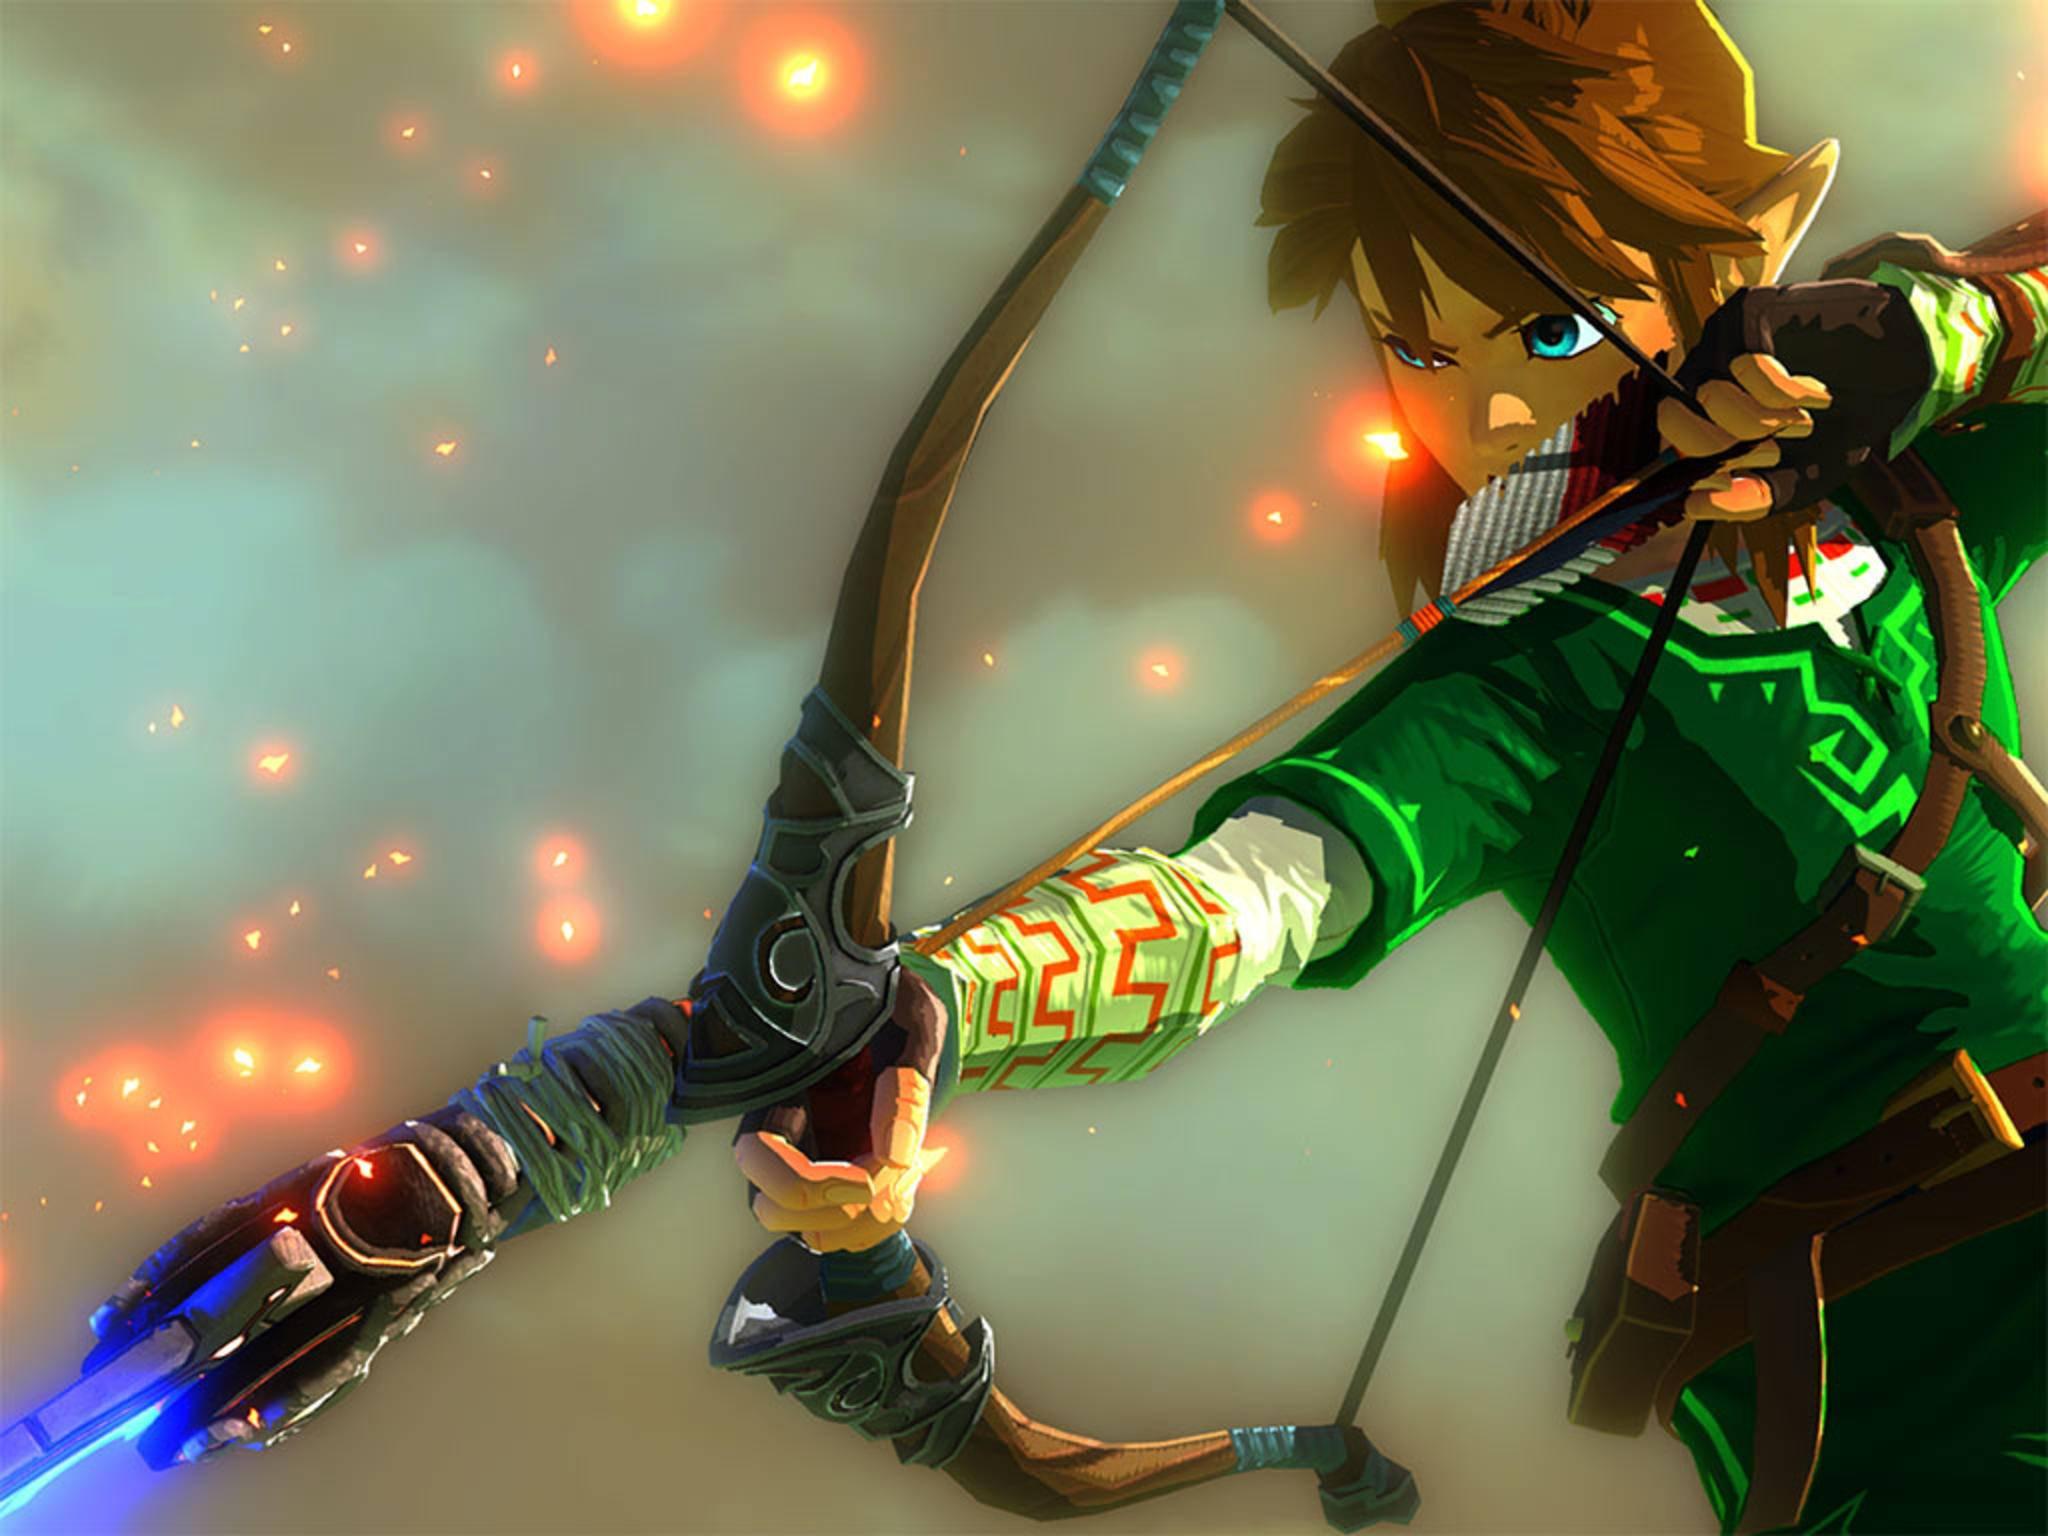 Zelda Link